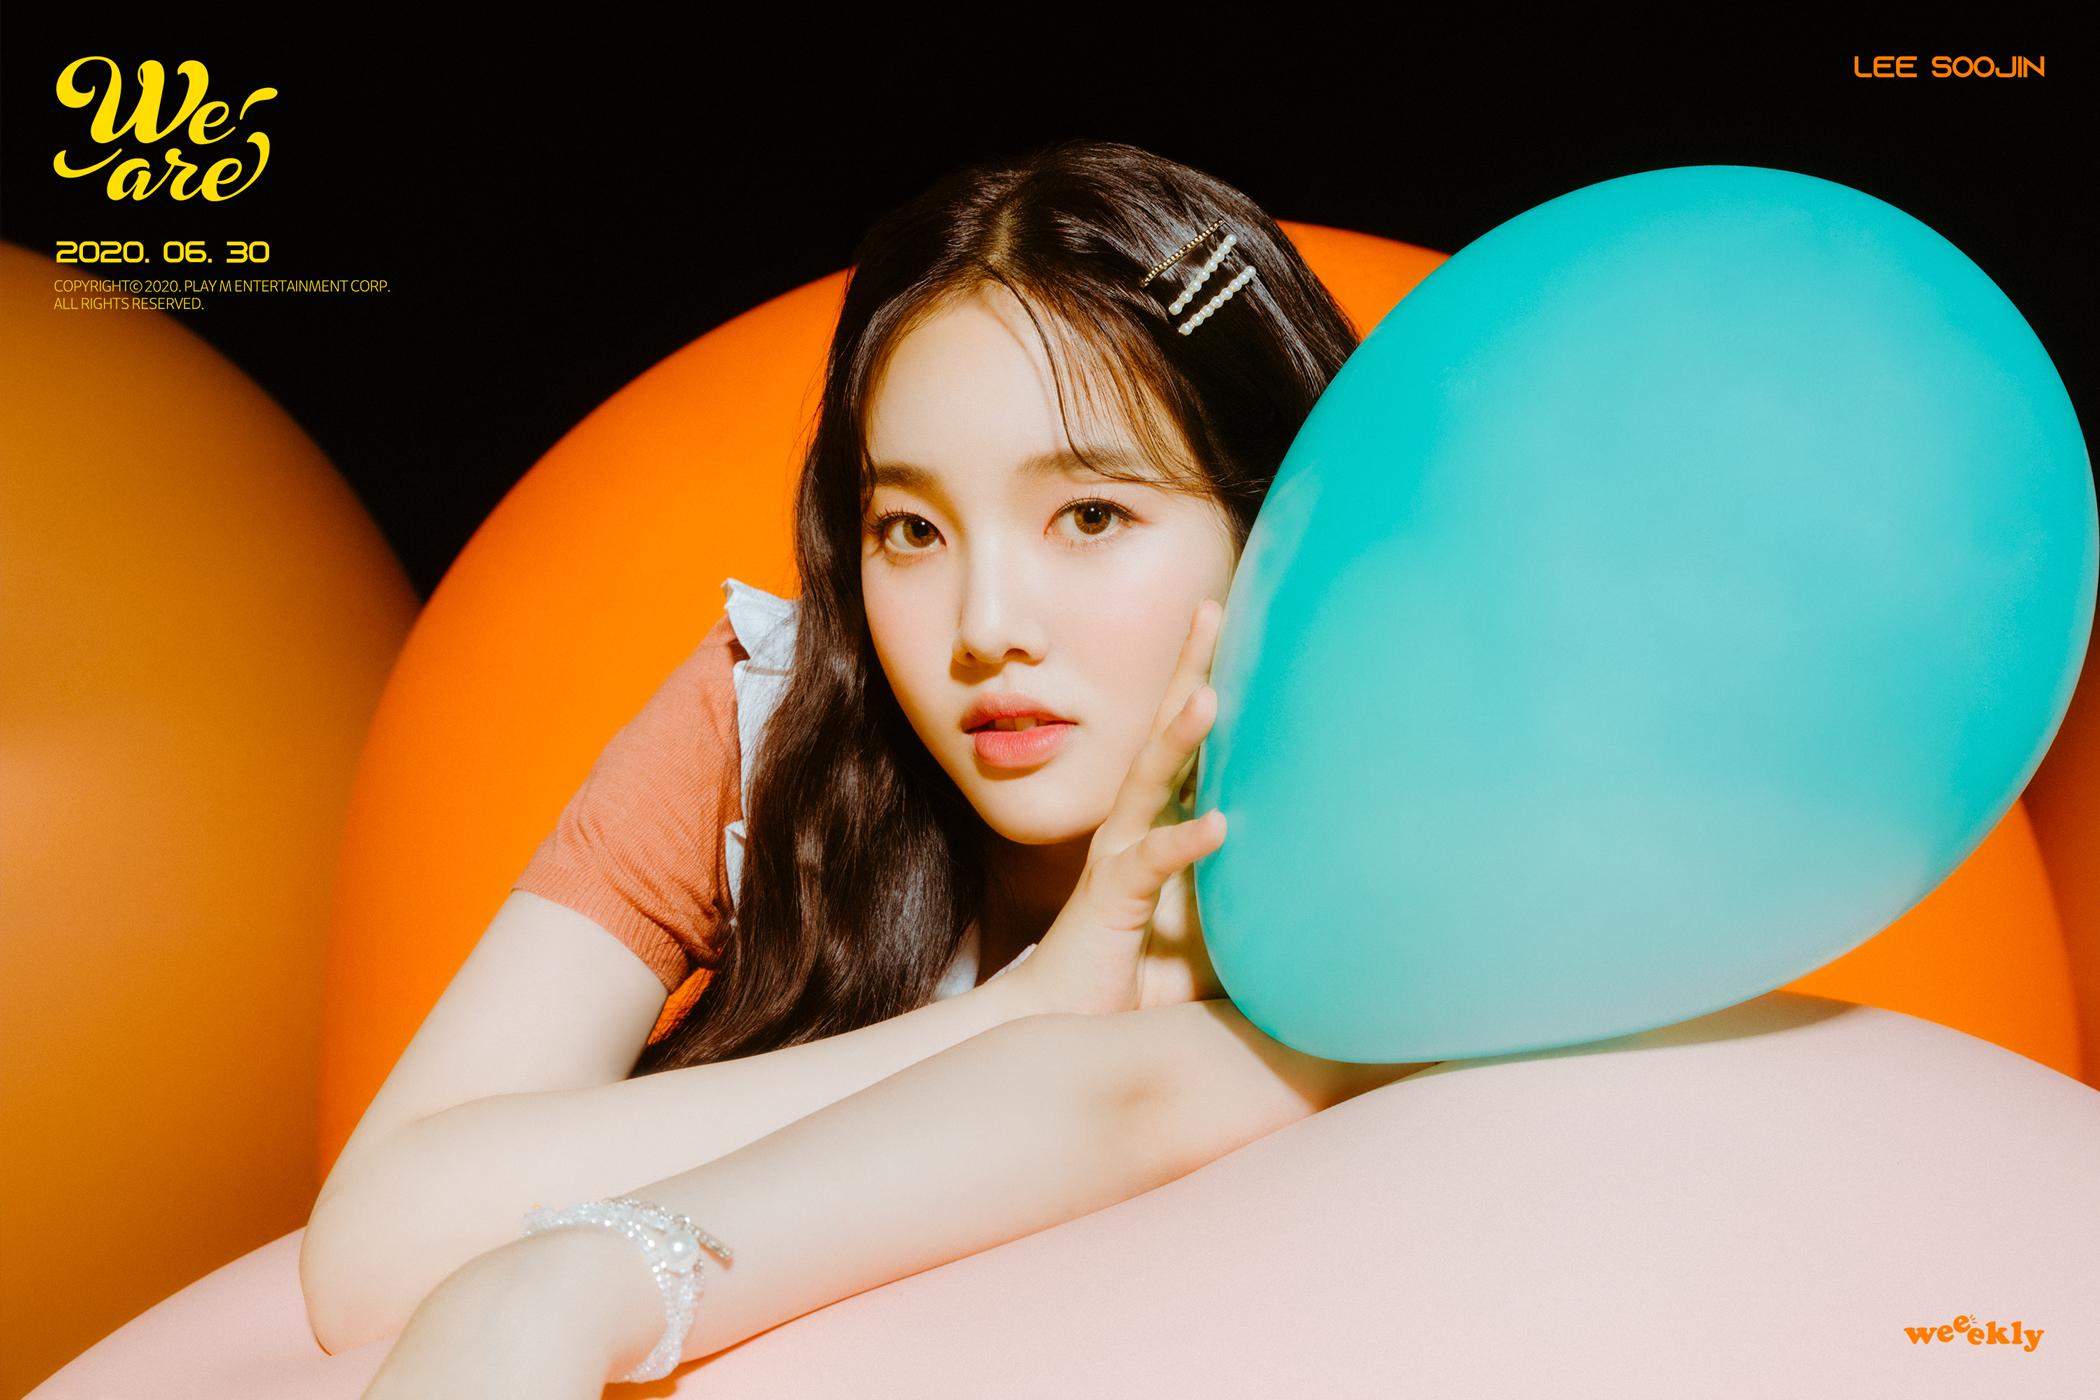 Lee Soojin Weeekly We Are Teaser